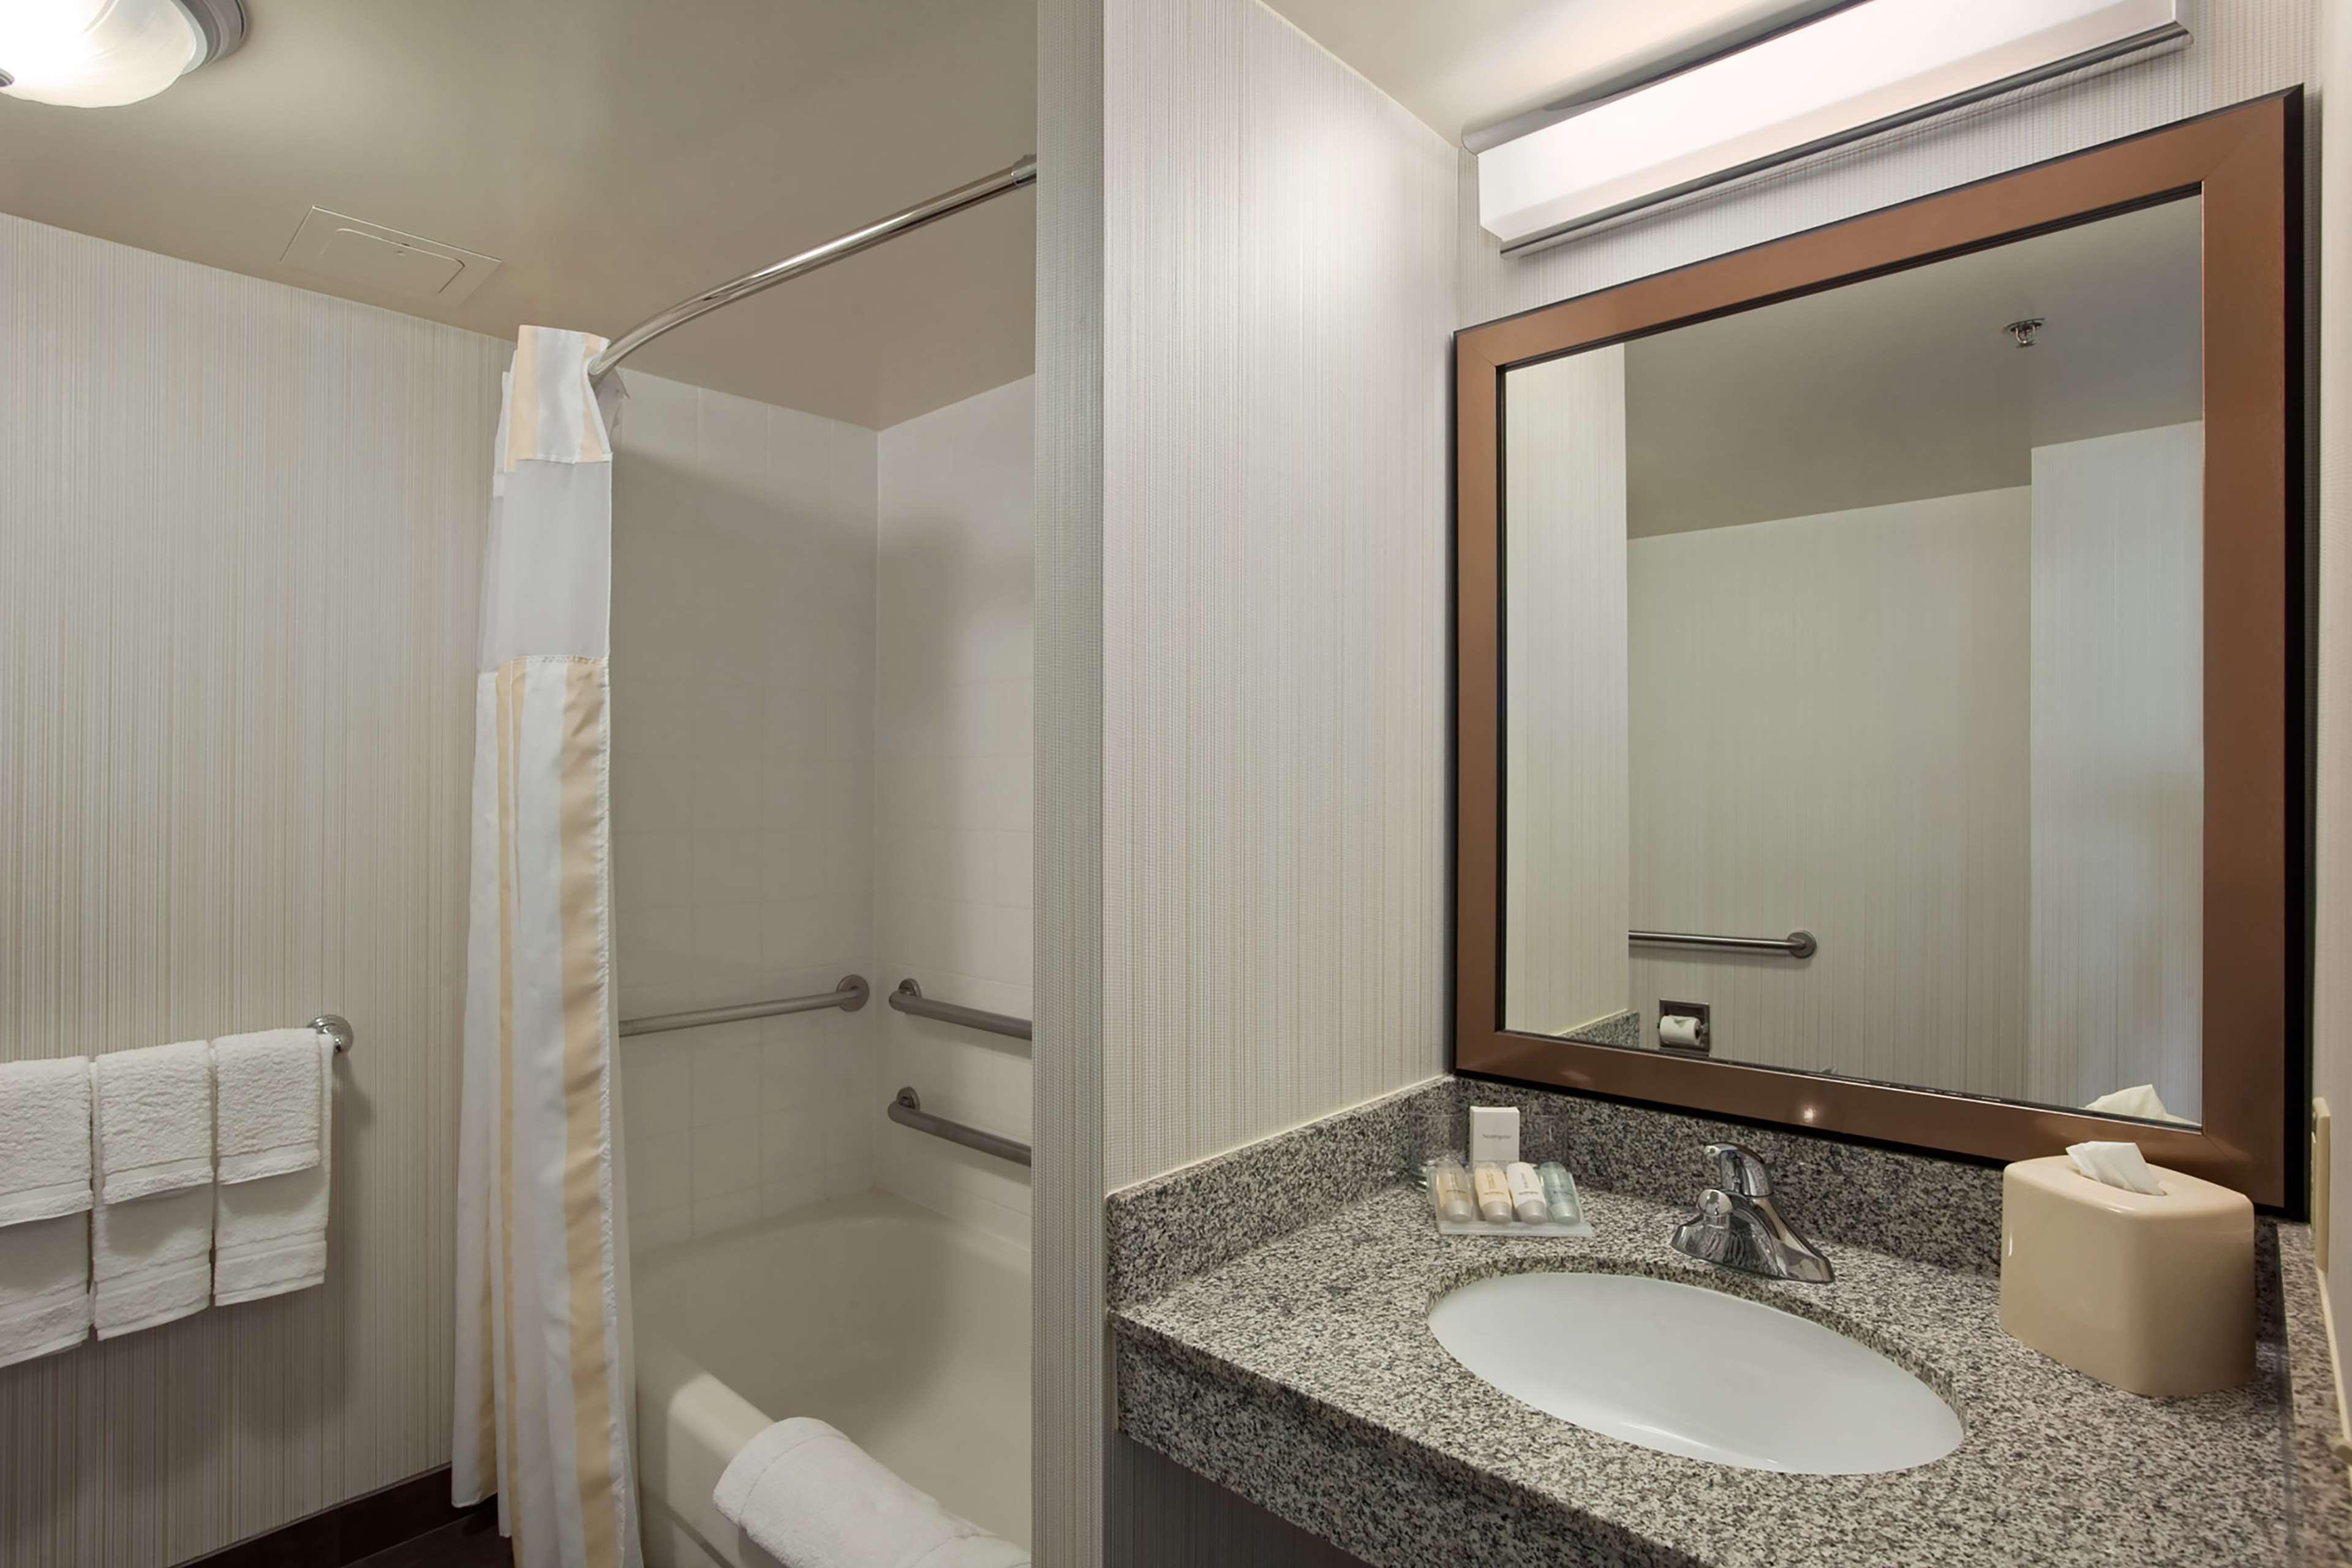 Hilton Garden Inn Hoffman Estates image 12